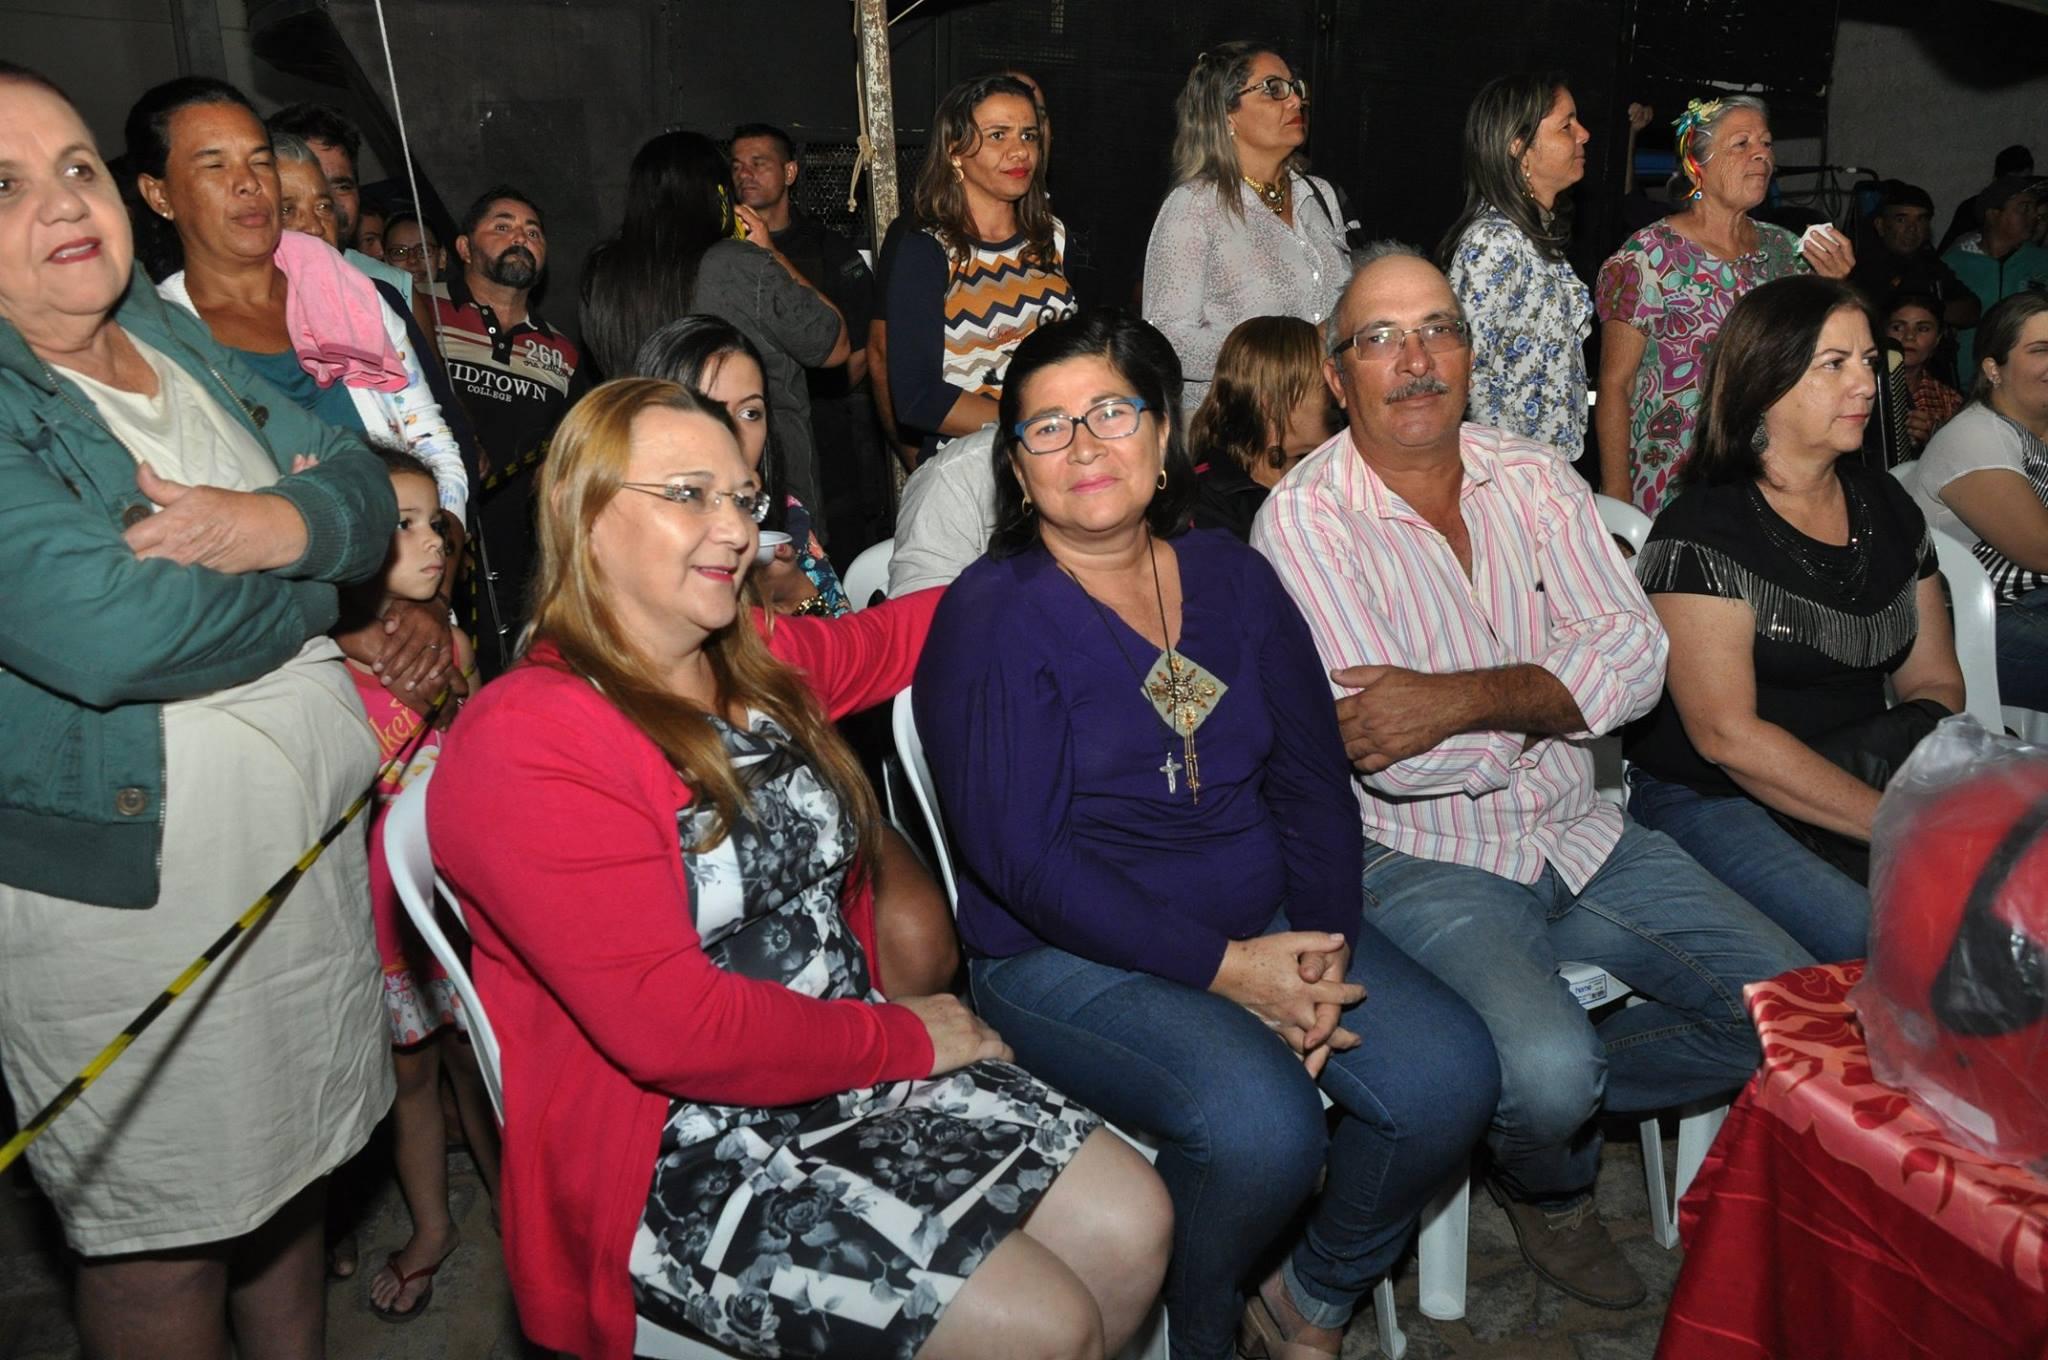 19243138_1899327660340424_5977756146689802721_o-1024x680 OPIPOCO mostra como foi a Segunda noite do festival de quadrilhas em Monteiro. Confira Imagens